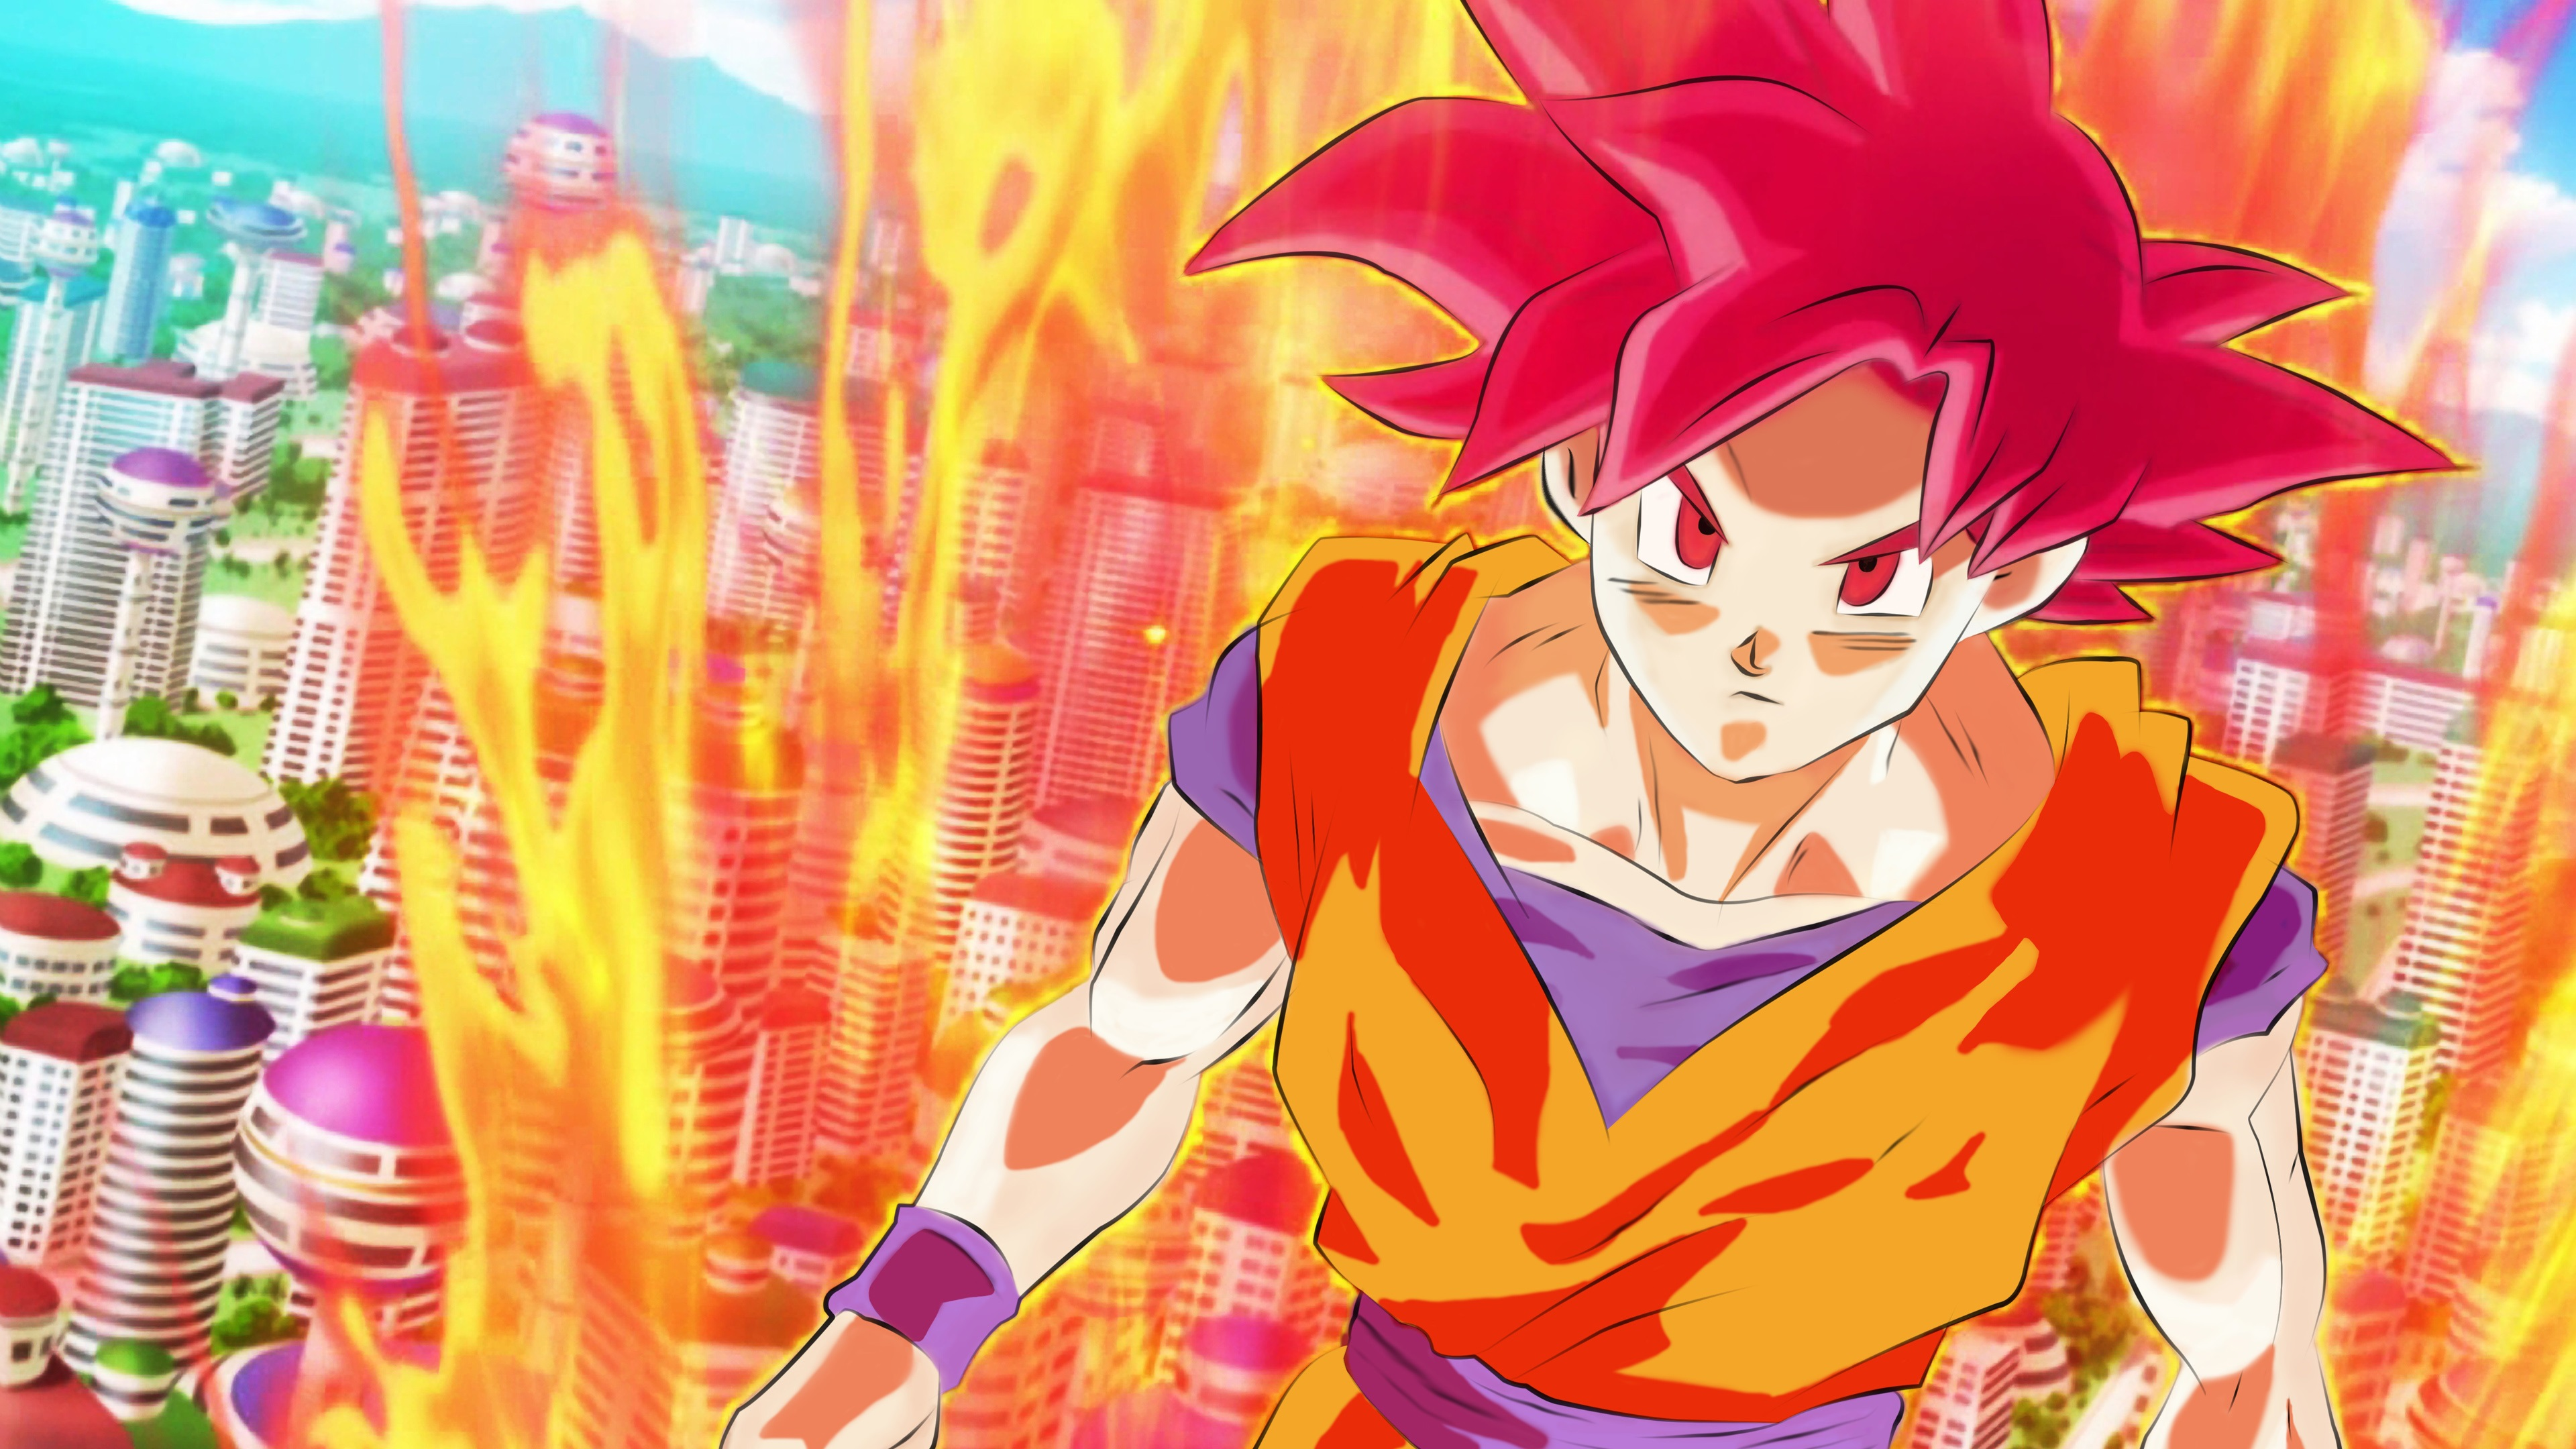 Wallpaper Dragon Ball Z Super Saiyan Monkey 3840x2160 Uhd